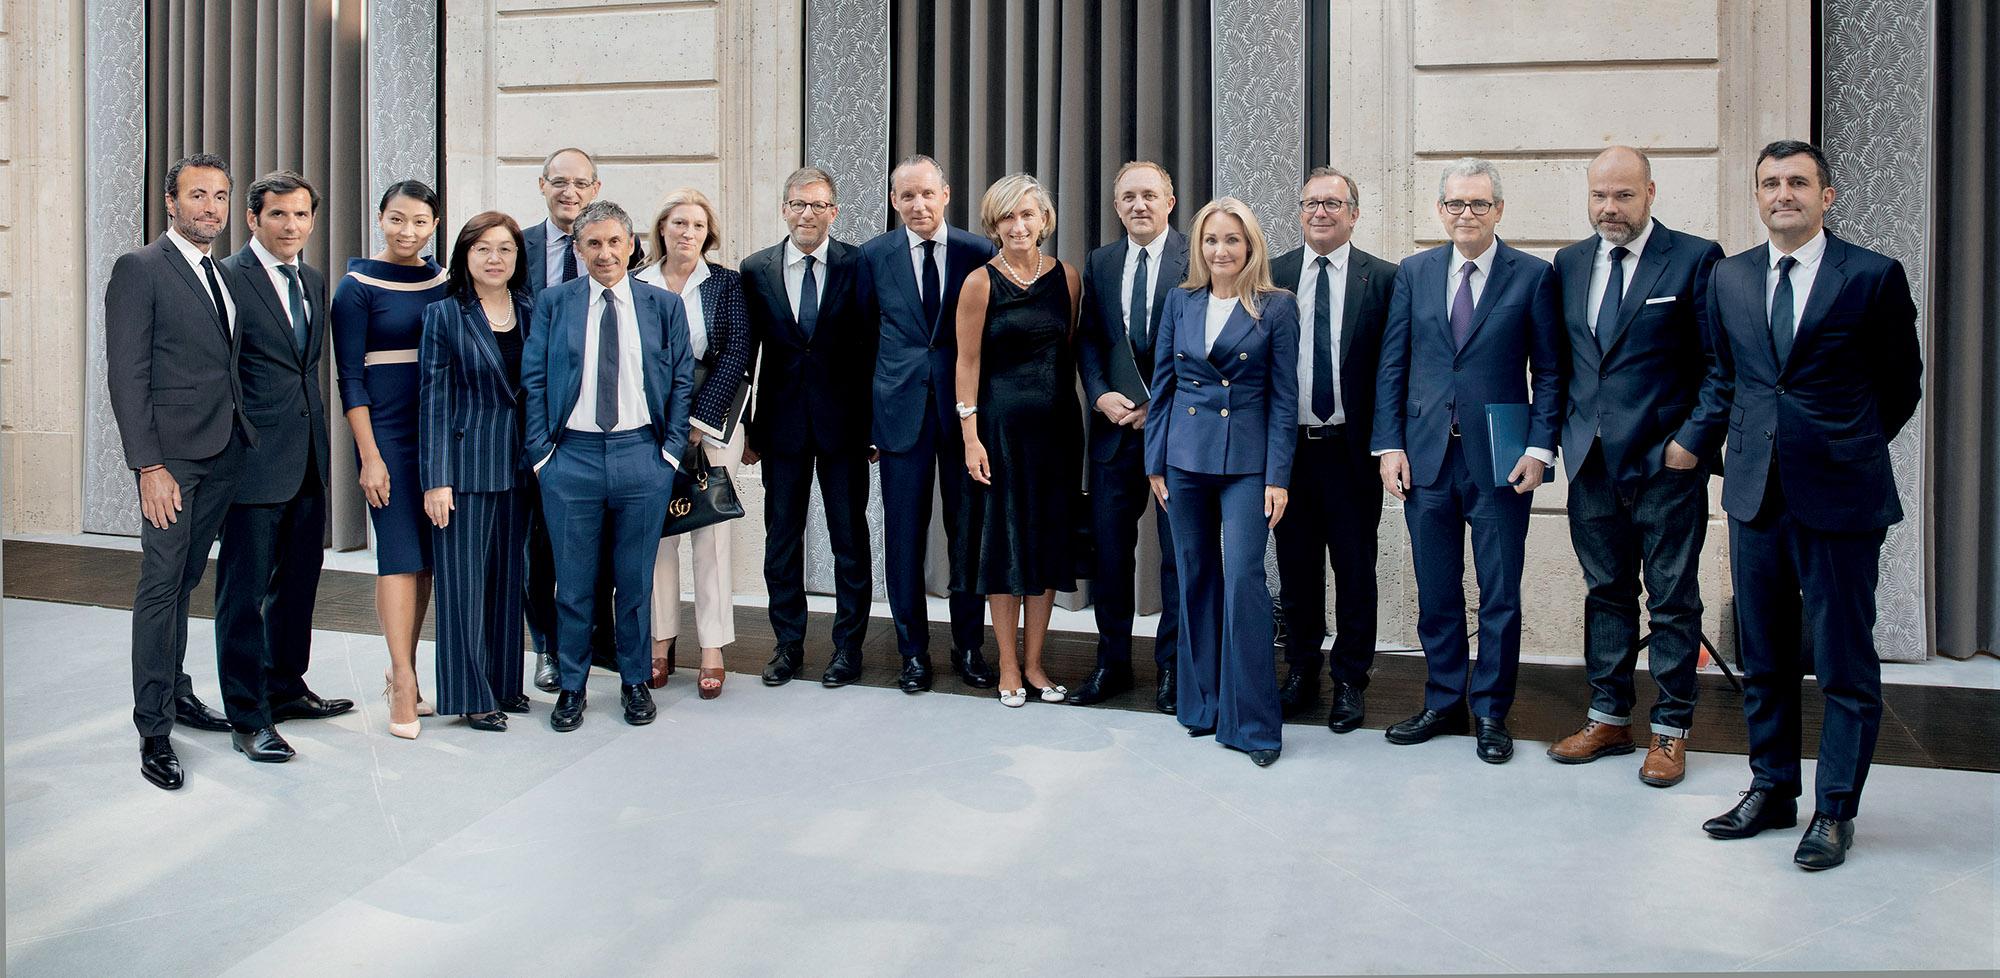 đại diện các thương hiệu ký kết Fashion Pact thời trang bền vững